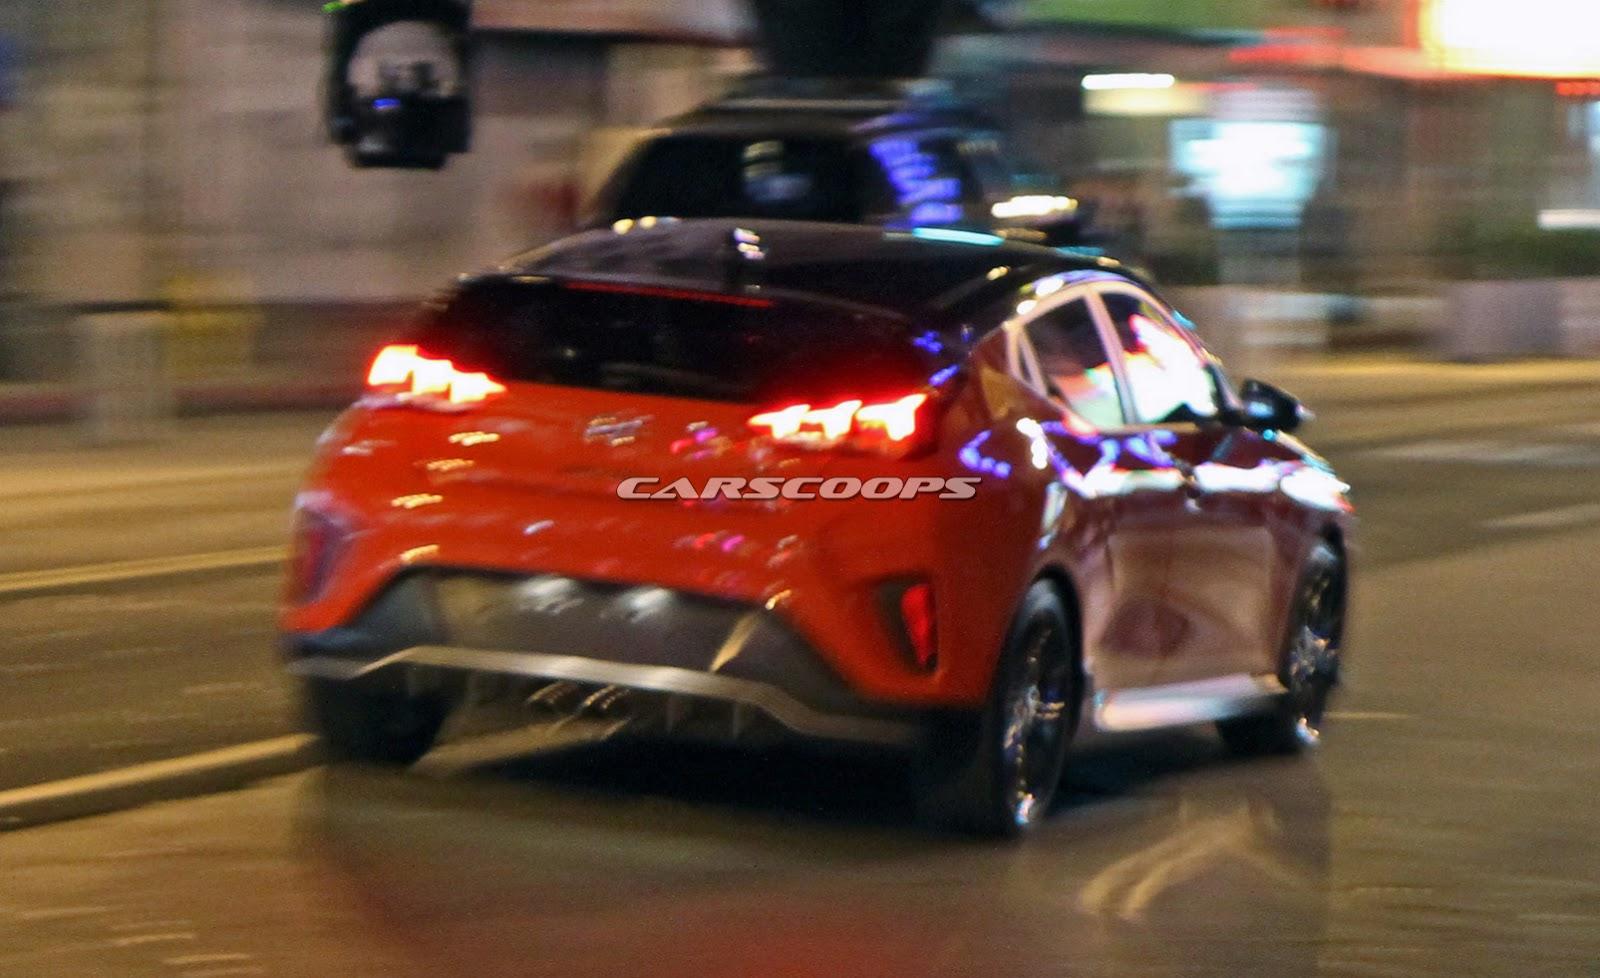 رونمایی از هوندایی ولستر 2019 در نمایشگاه خودرویی دیترویت